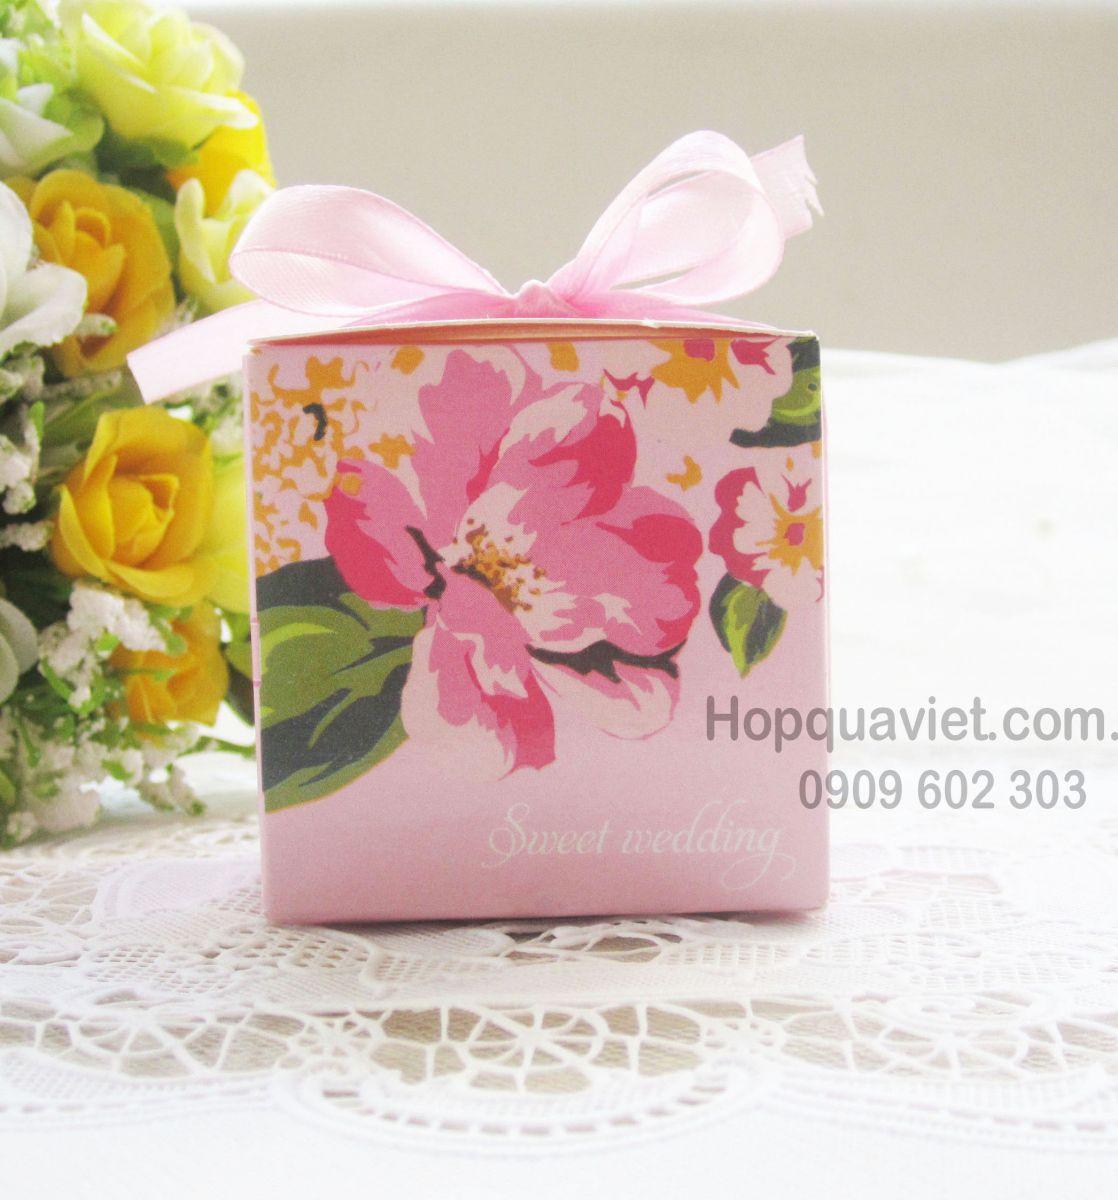 Cách xếp các hộp quà trong web hopquaviet.com.vn